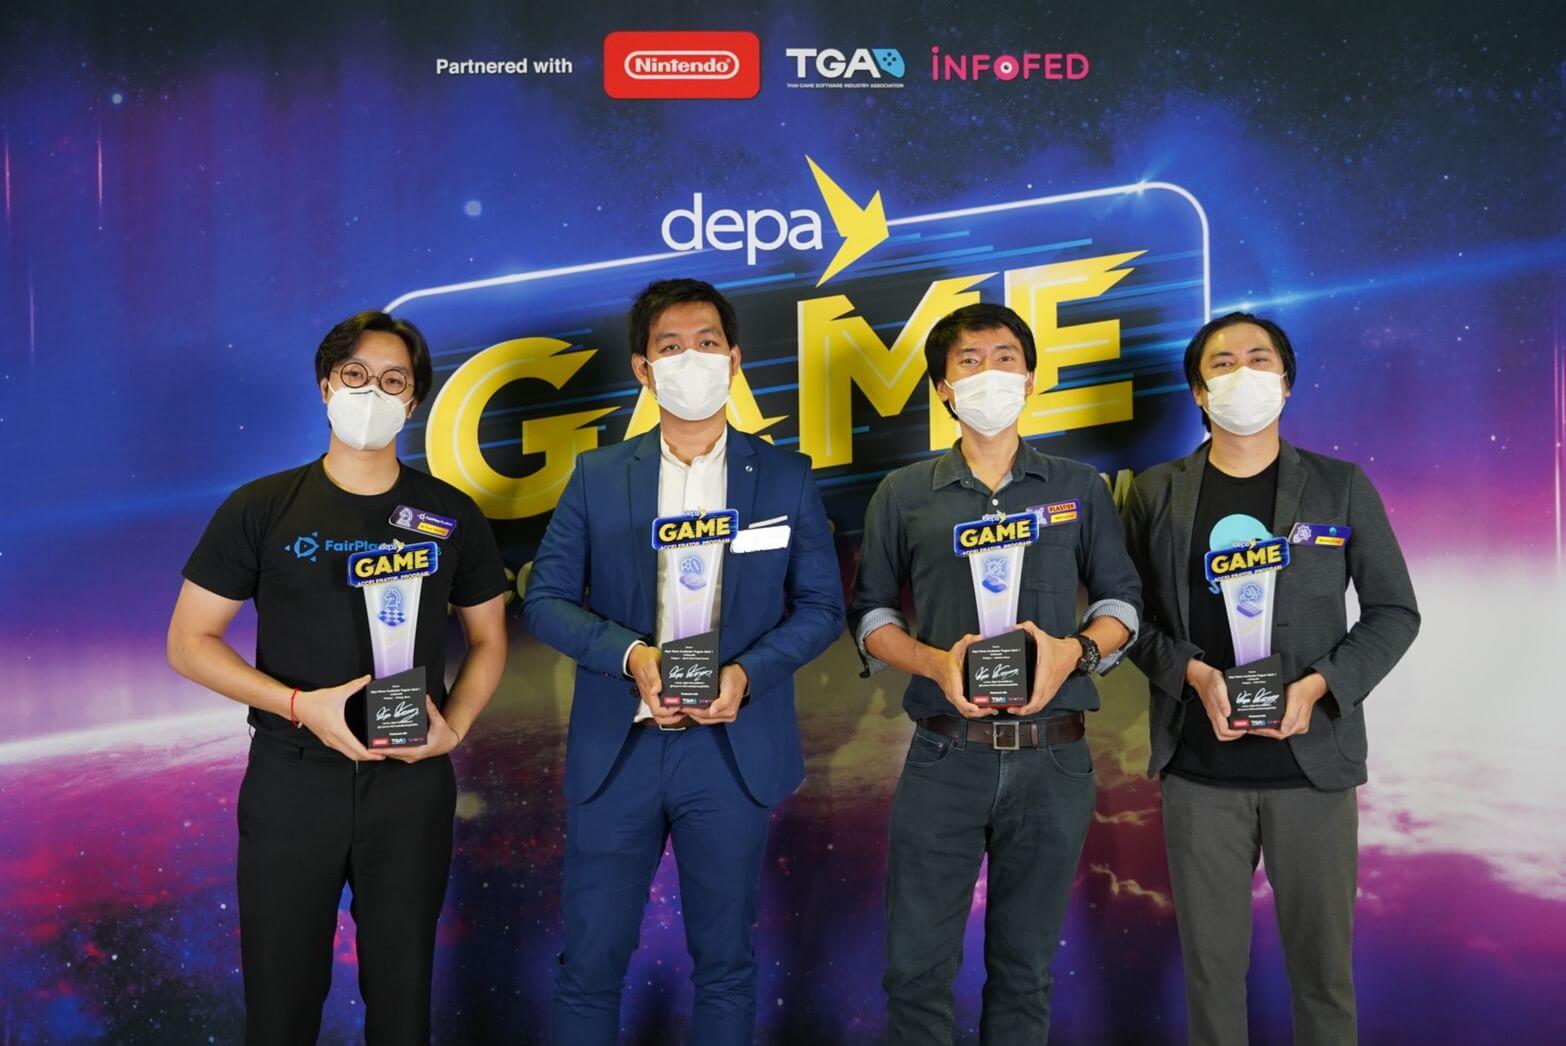 DEPA ผนึก TGA - อินโฟเฟด ประกาศผลสุดยอด 4 ทีมพัฒนาเกมสัญชาติไทย ในโครงการ depa Game Accelerator Program พร้อมปั้นสู่ระดับโลก